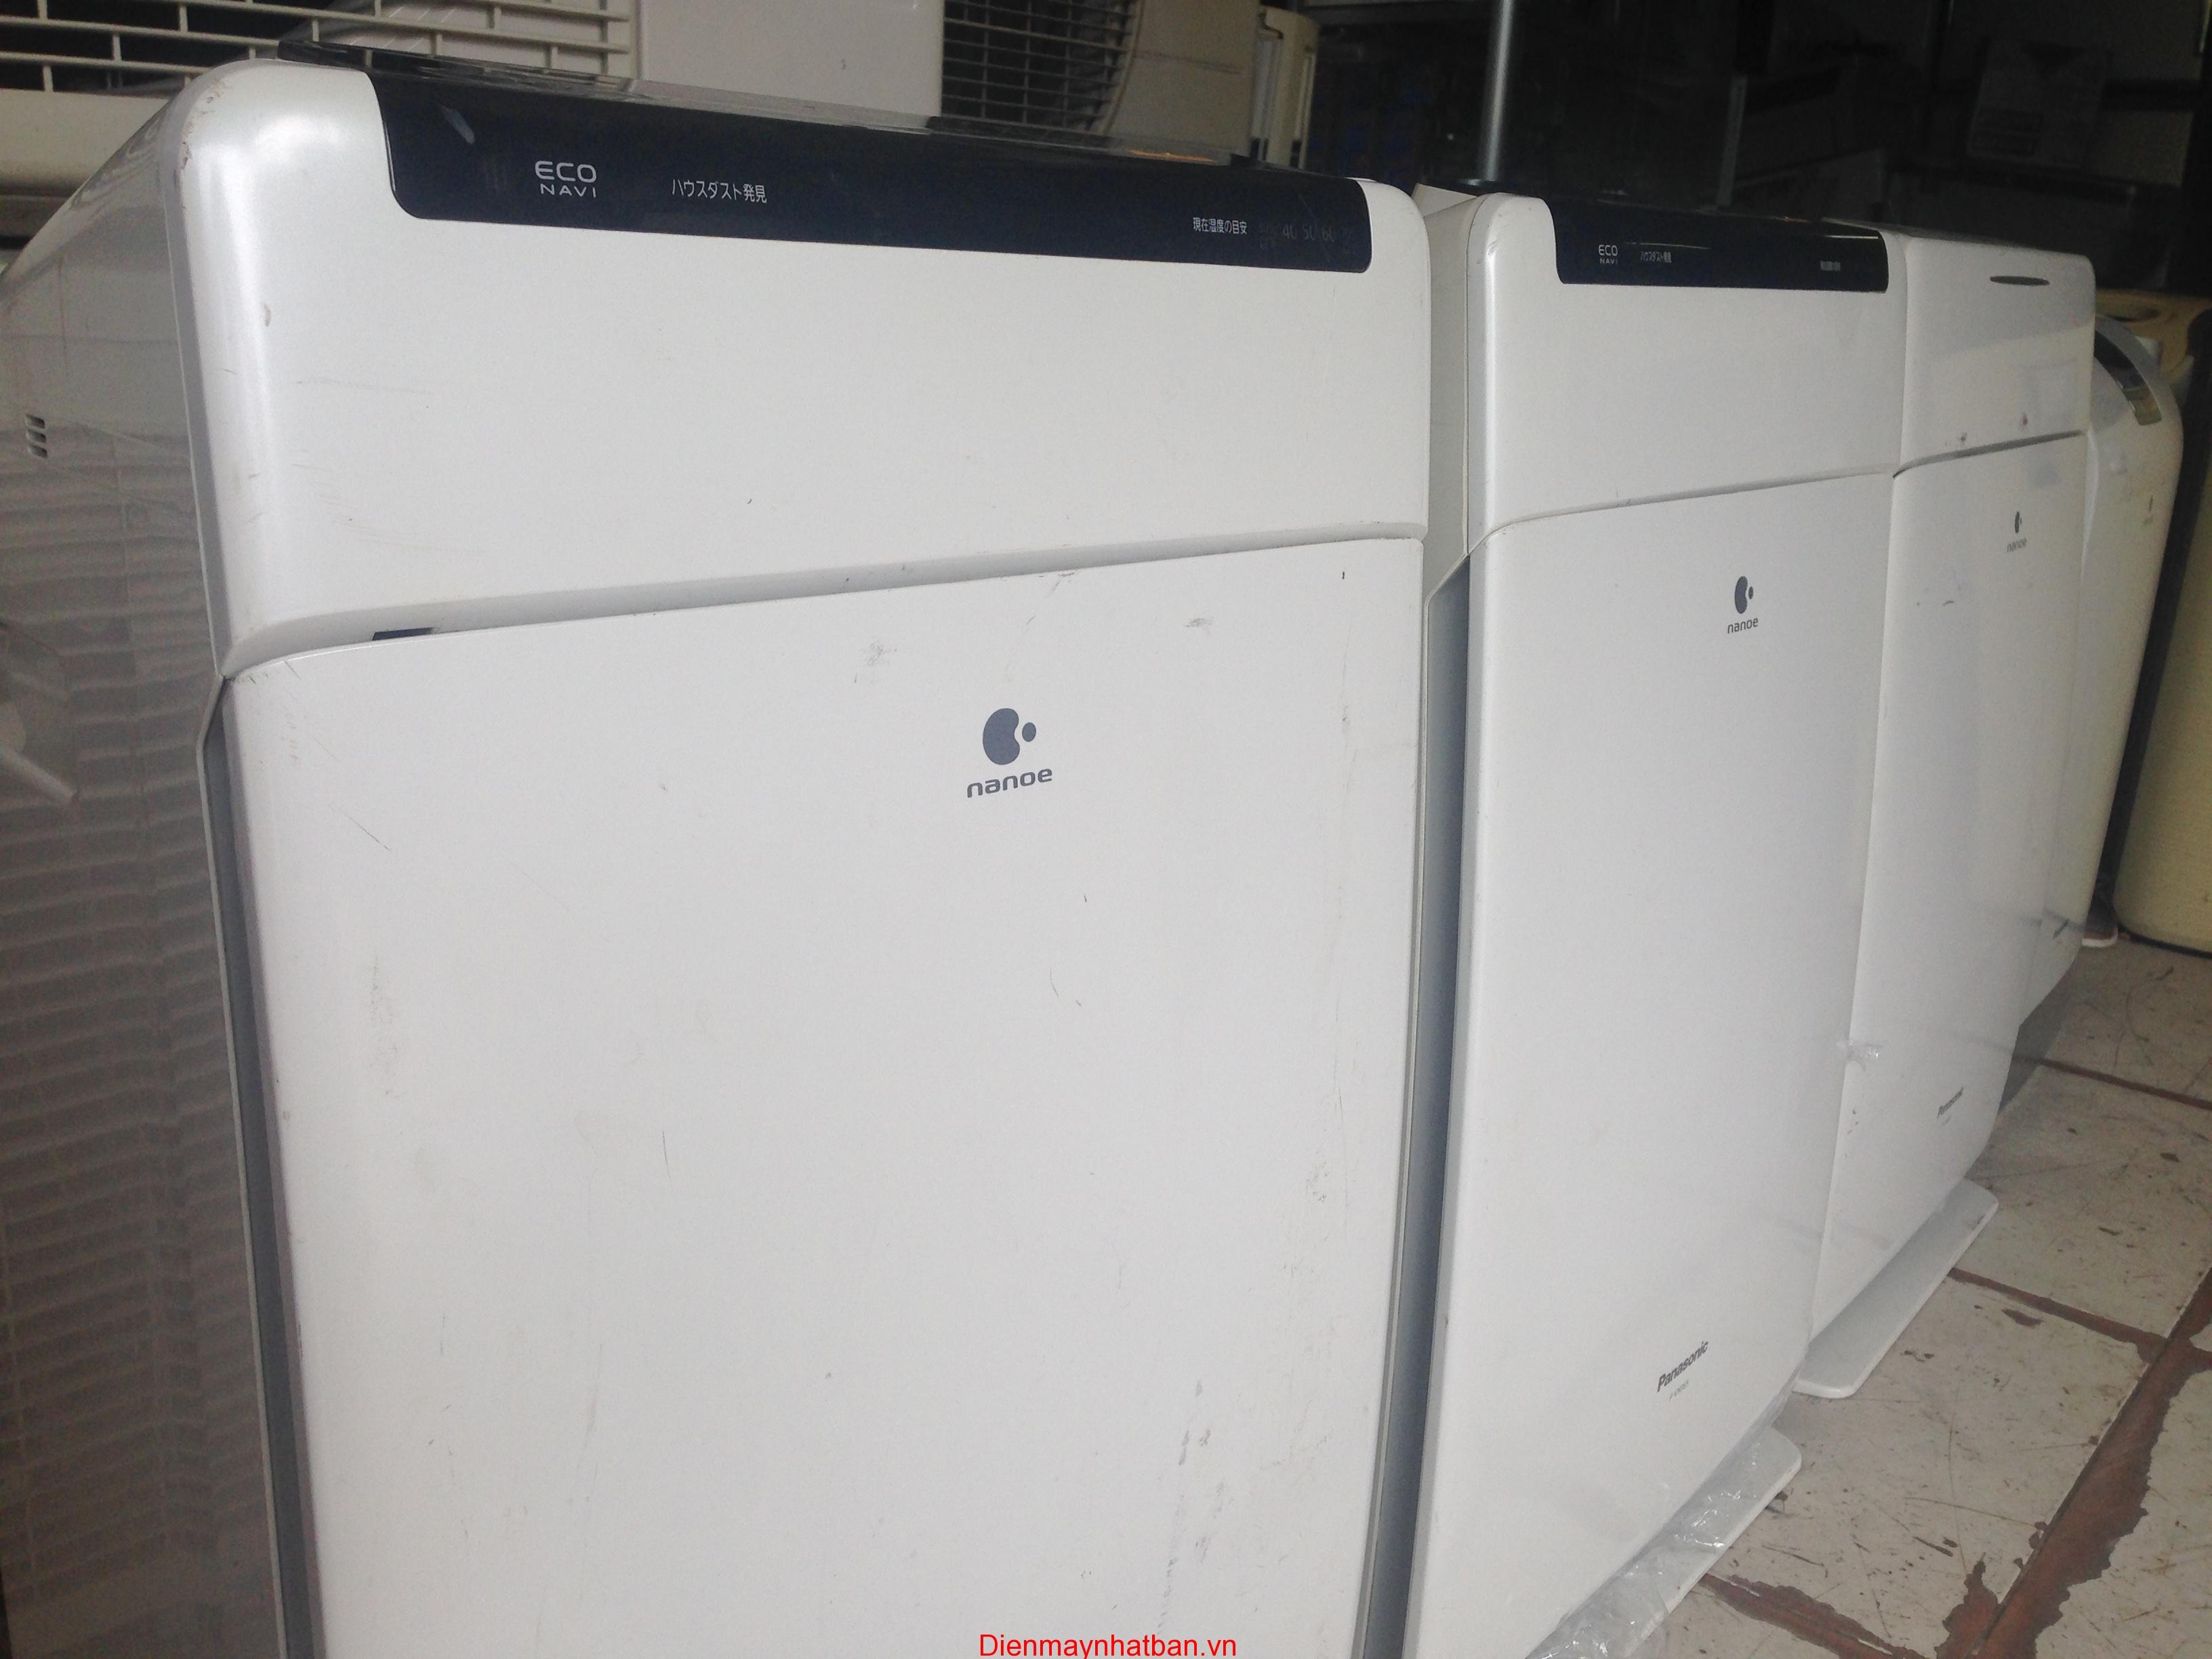 Kho máy lạnh nội địa Nhật giá sỉ cho Anh Em bạn thợ,bảo hành 24 tháng chỉ 500k - 10